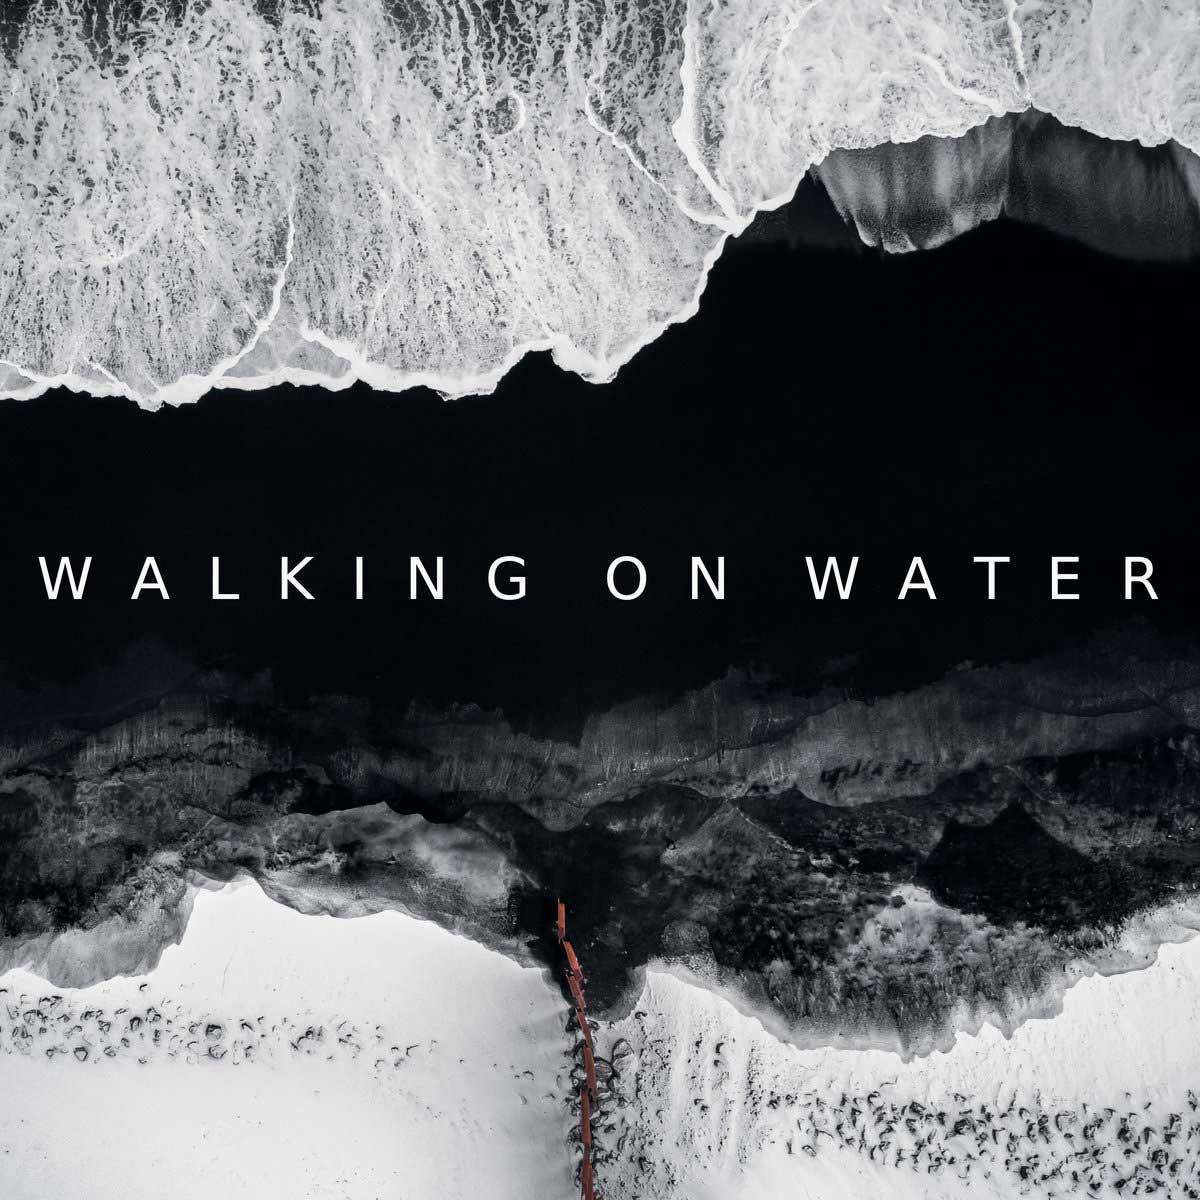 Gulvøss - Walking On Water - Gulvøss - Walking On Water